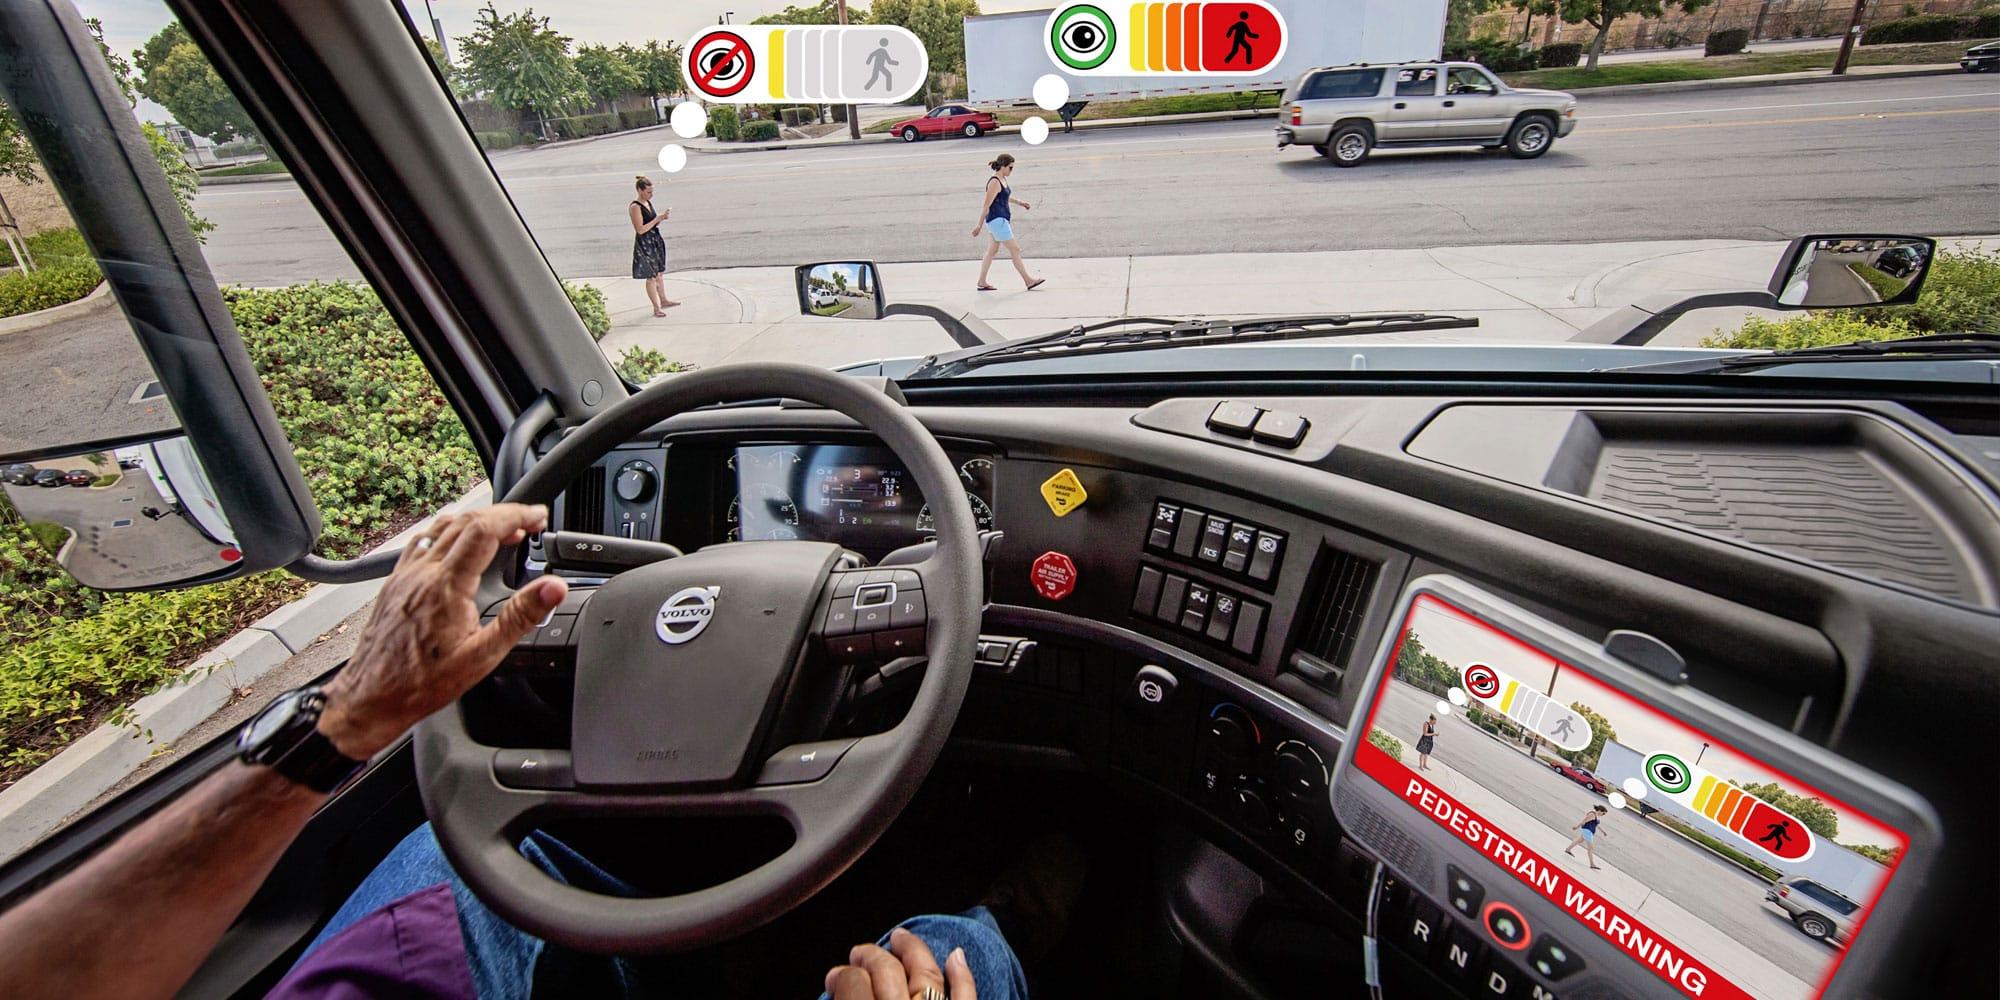 خودرو خودمختار Perceptive Automata